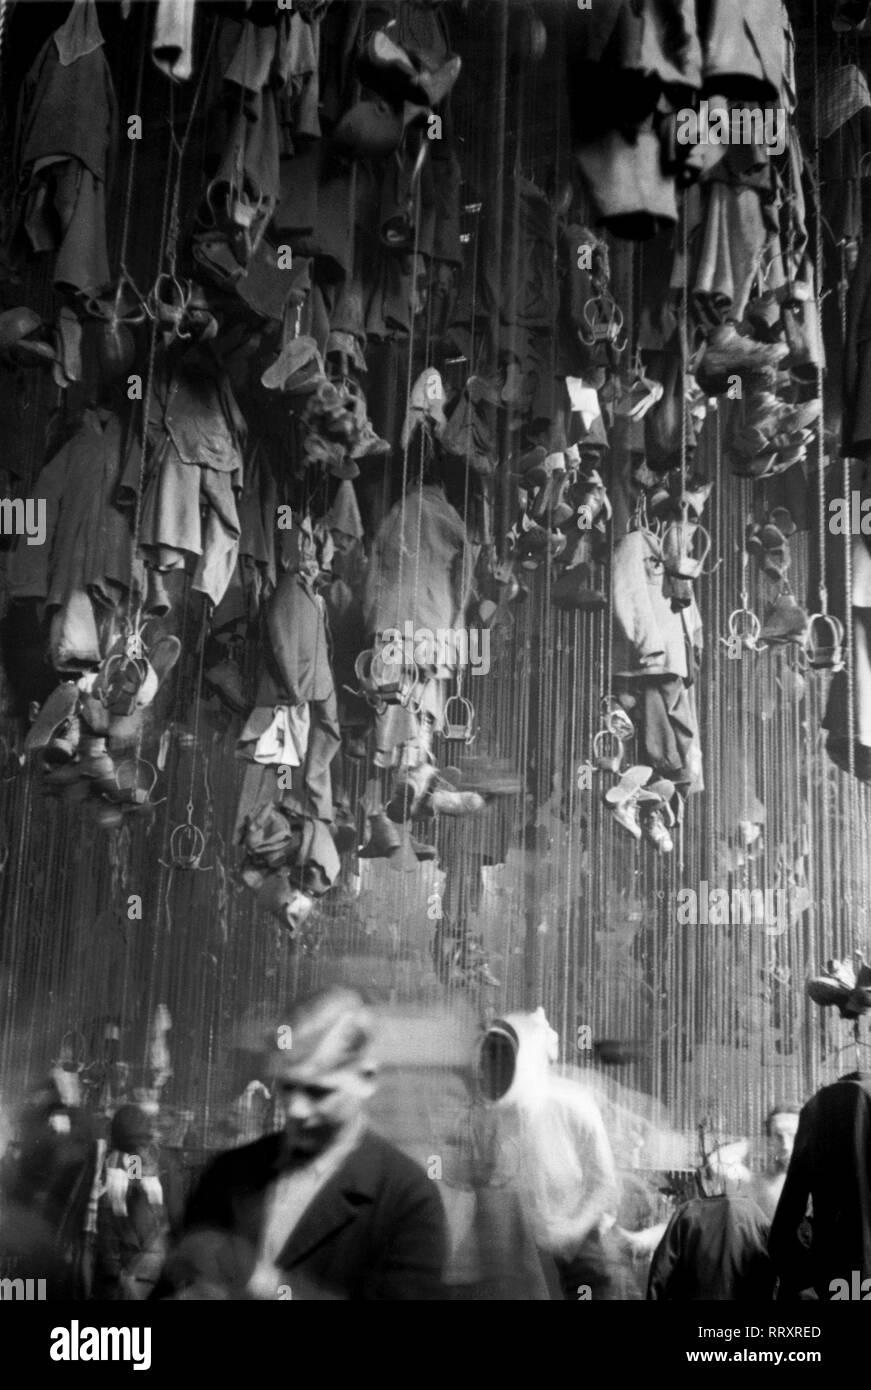 Germany - Deutschland ca. 1950, Ruhrgebiet, Waschkaue der Bergarbeiter, deren Kleidung an der Decke befestigt ist - Stock Image